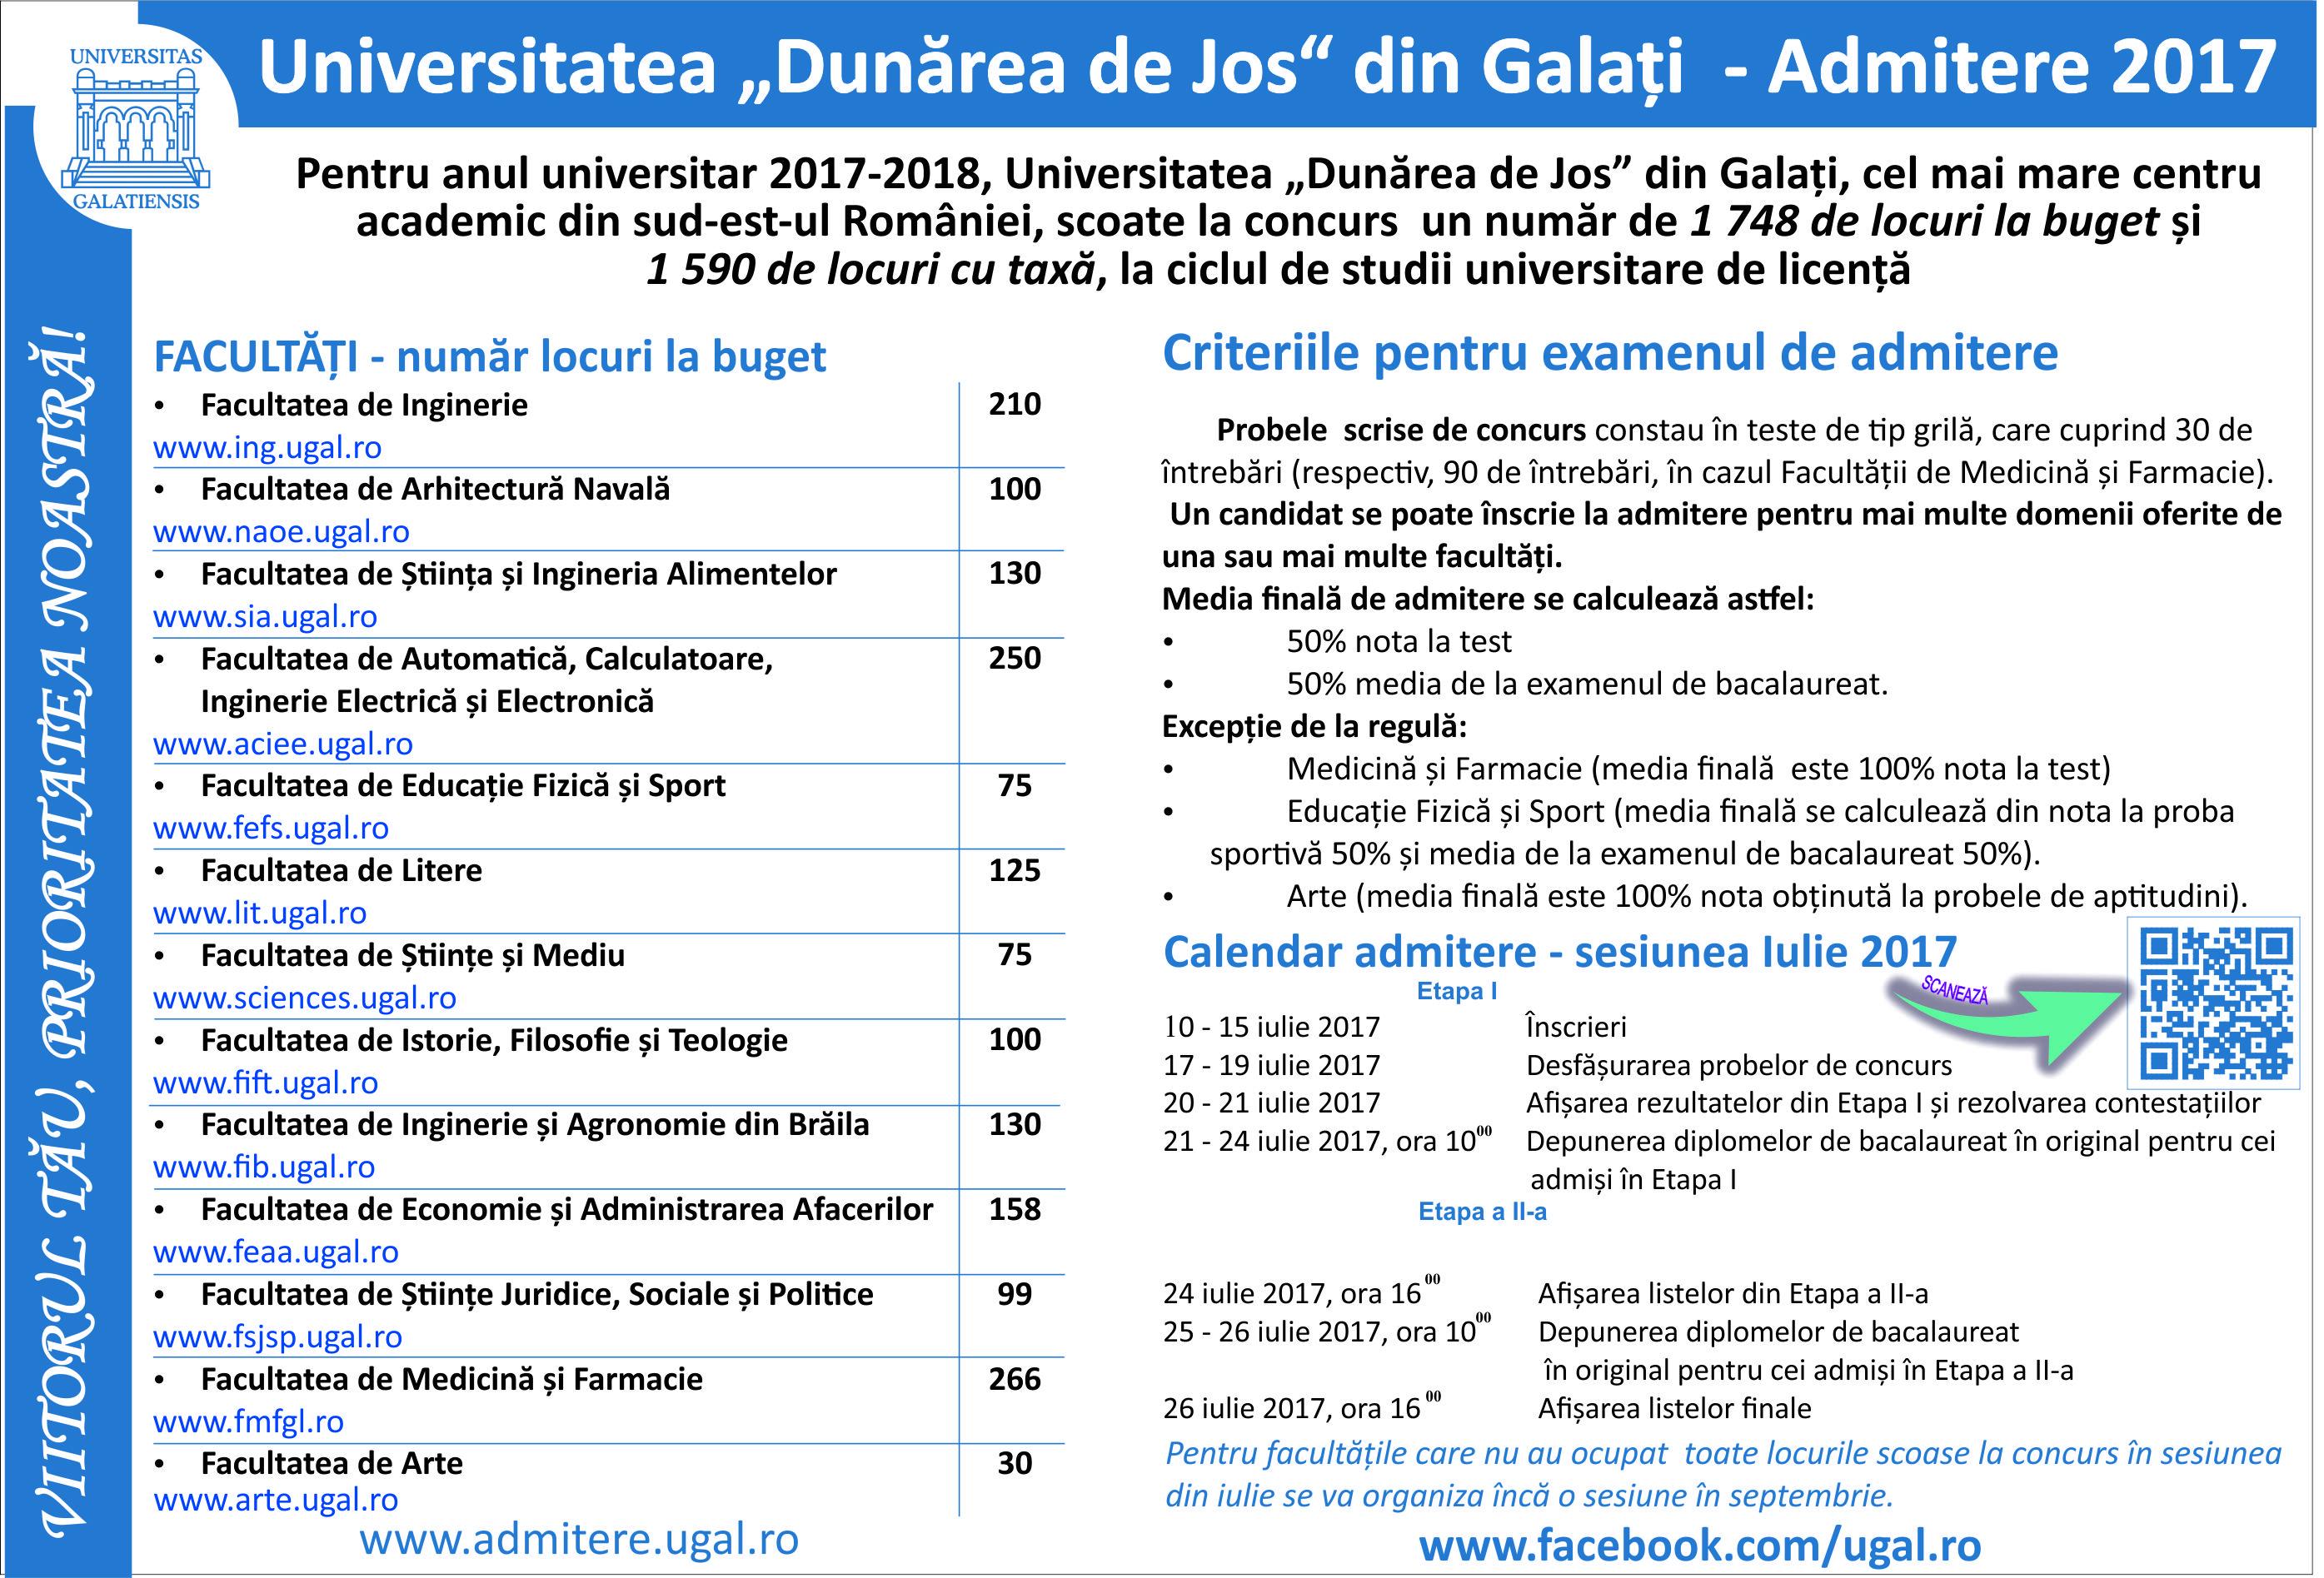 Universitatea Dunarea de Jos din Galati – Admitere 2017